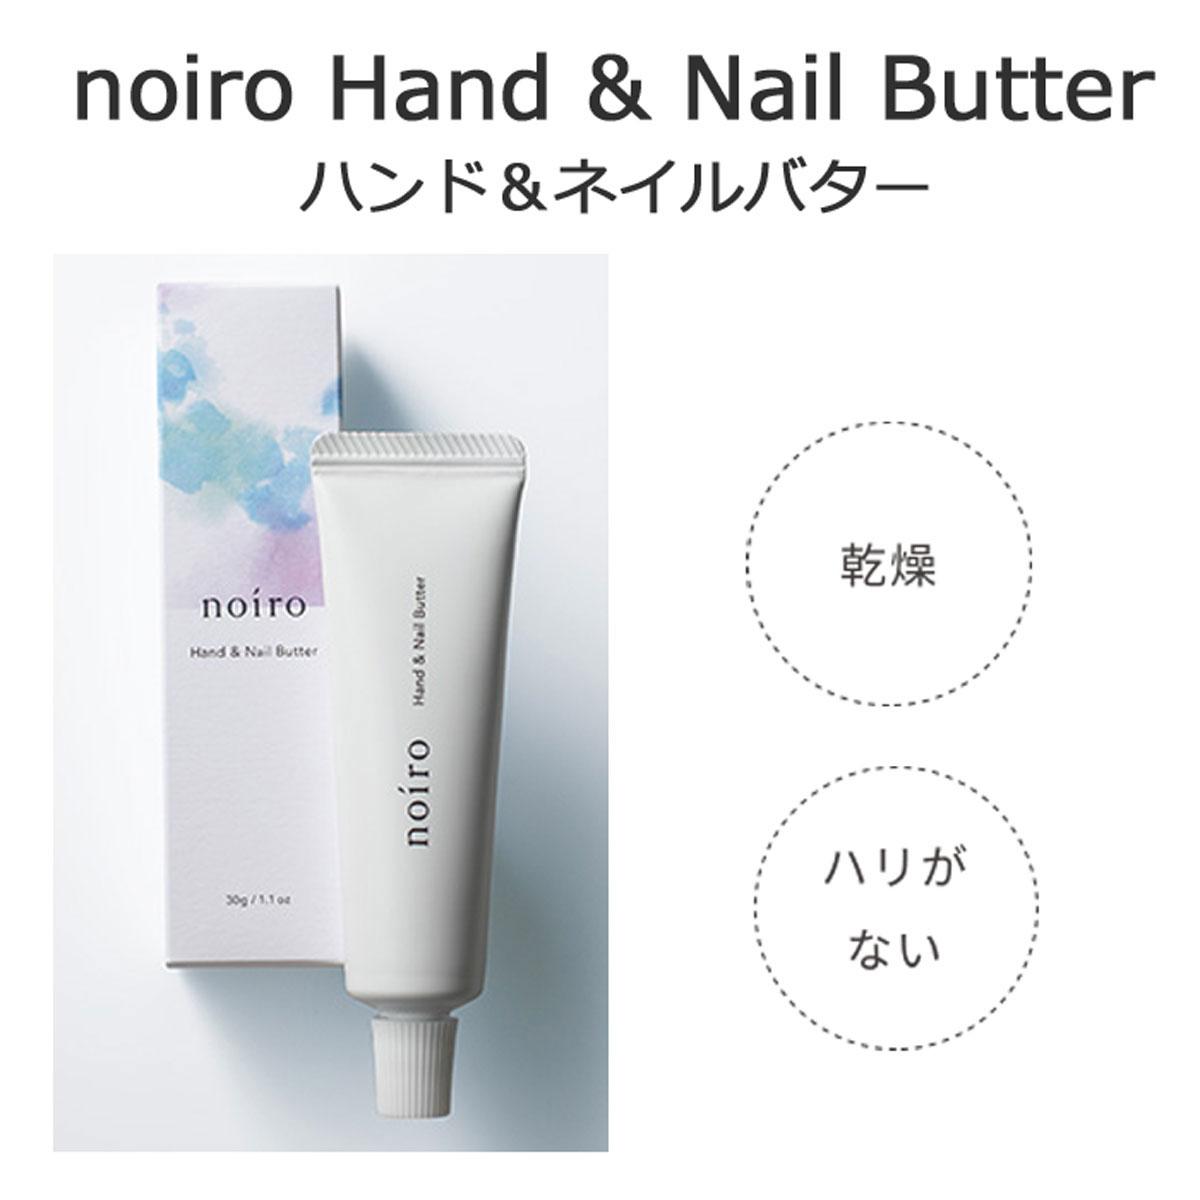 noiro ノイロ ハンド&ネイルバター 30g エイジングケア ハリ ハンドクリーム ネイルクリーム ネイルケア